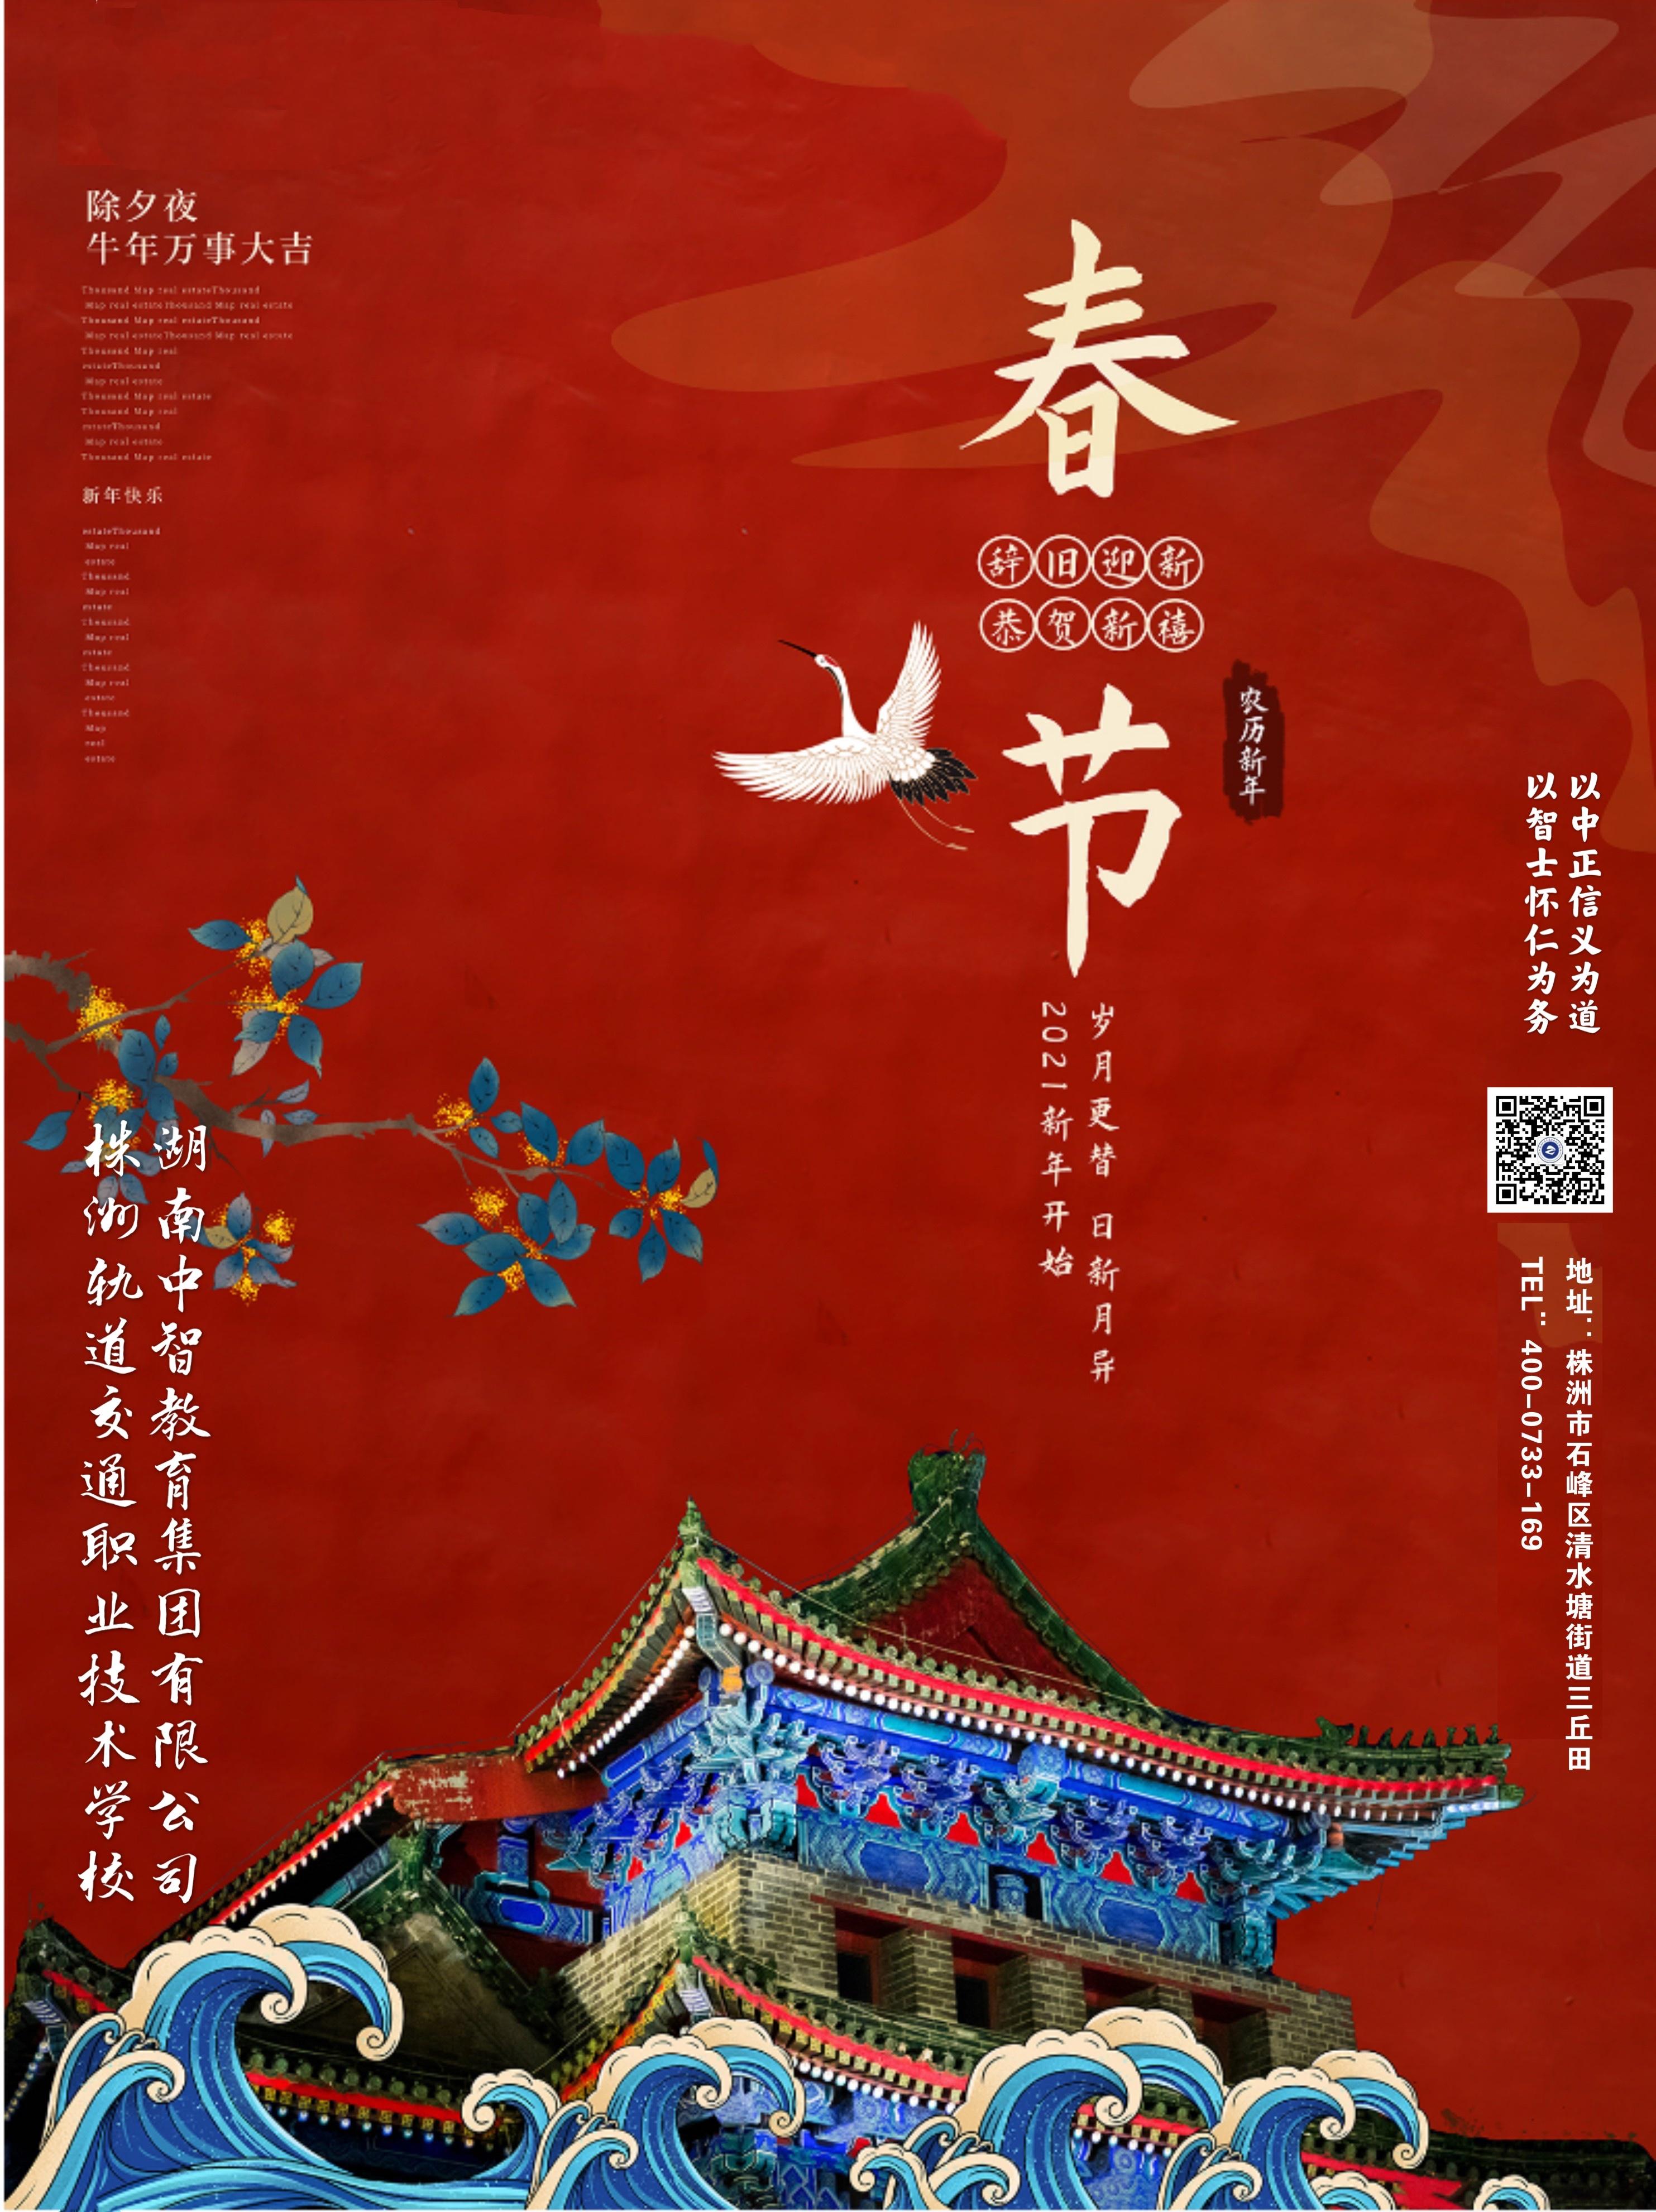 湖南中智教育集团携株洲轨道交通职业技术学校恭祝您新春快乐!